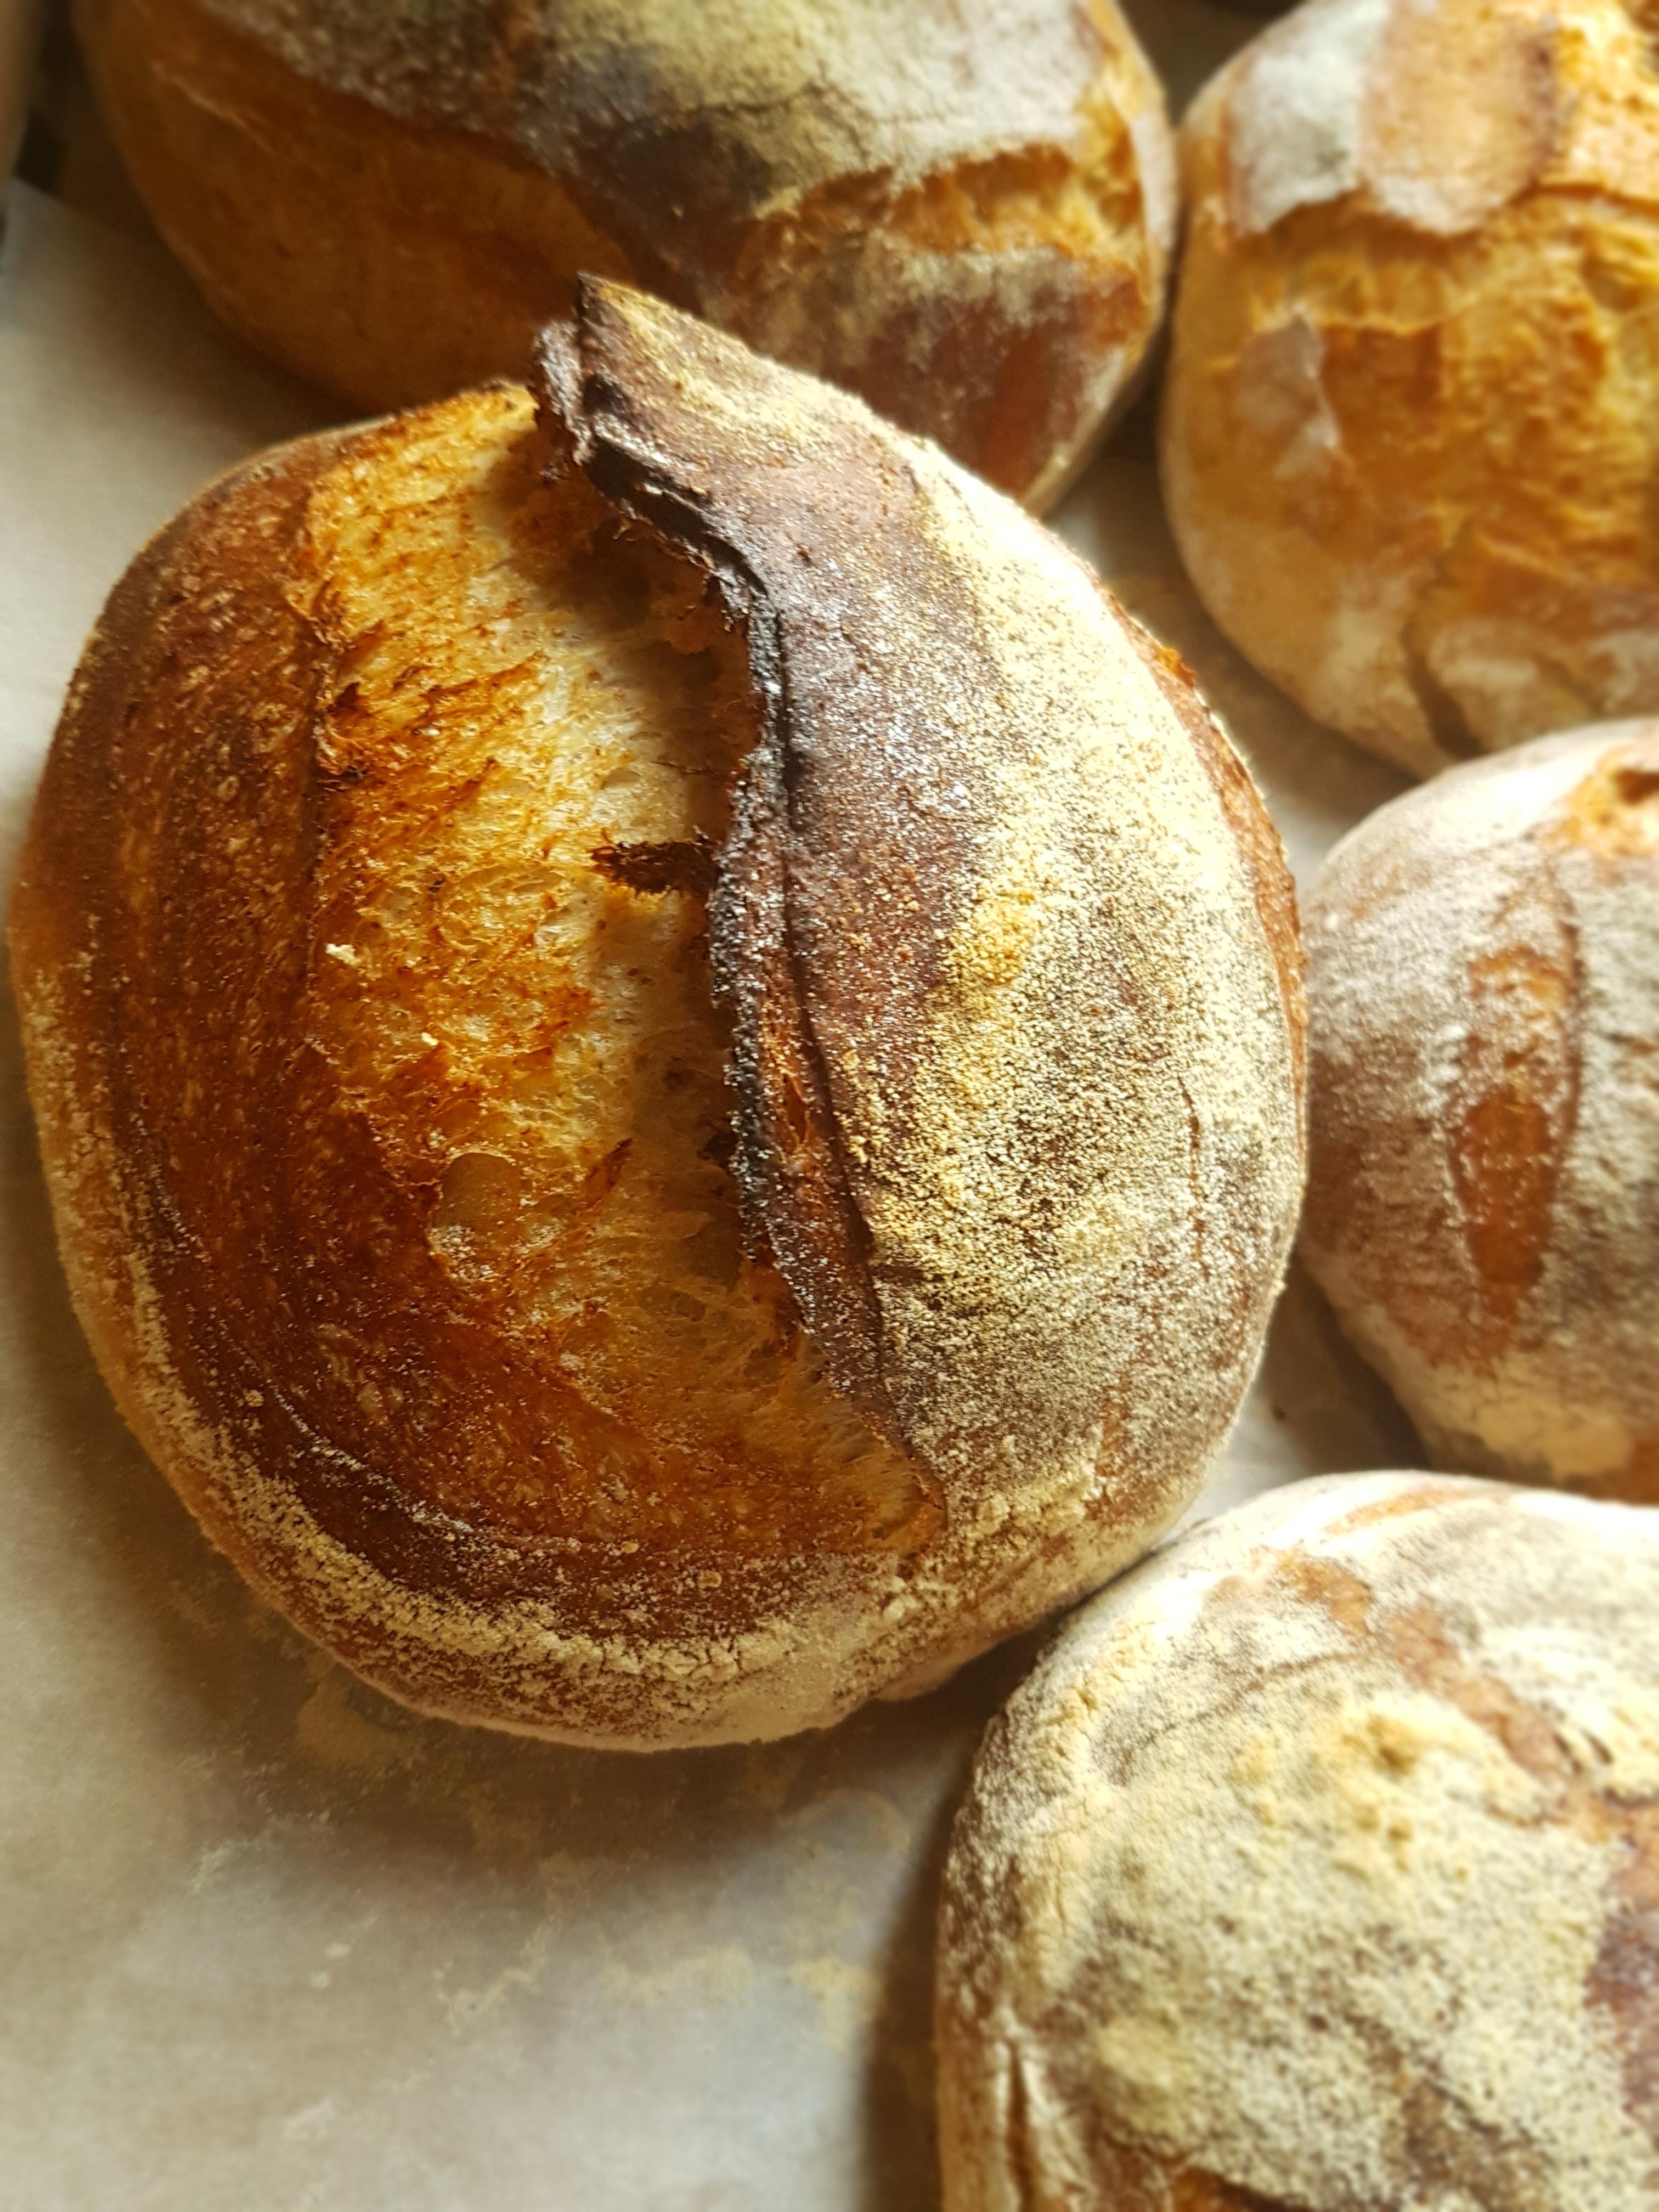 Sourdough Baking Class - 6 hours